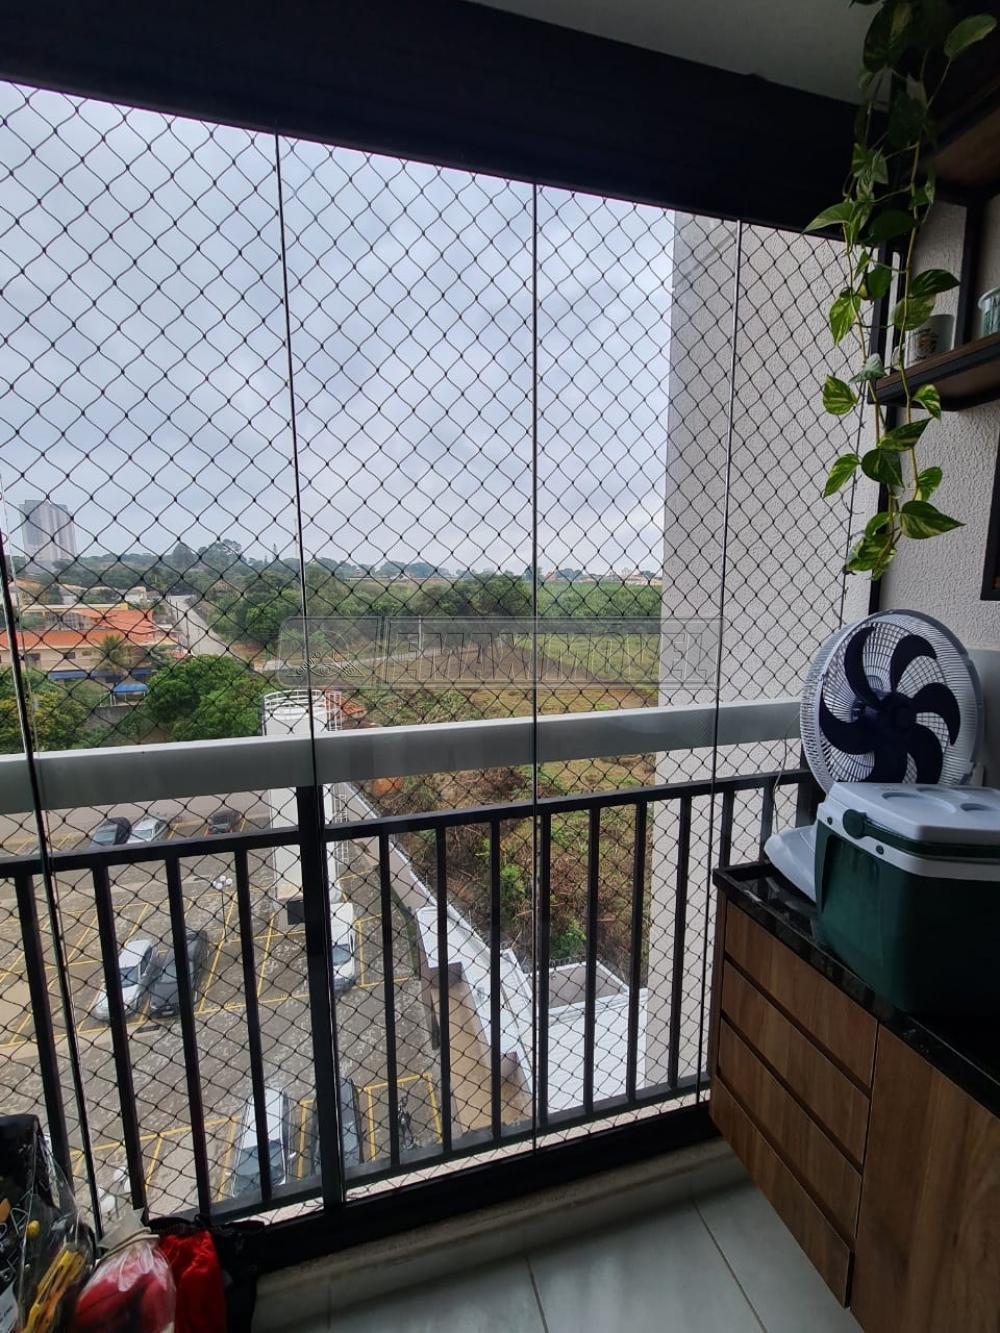 Comprar Apartamentos / Apto Padrão em Sorocaba R$ 350.000,00 - Foto 4